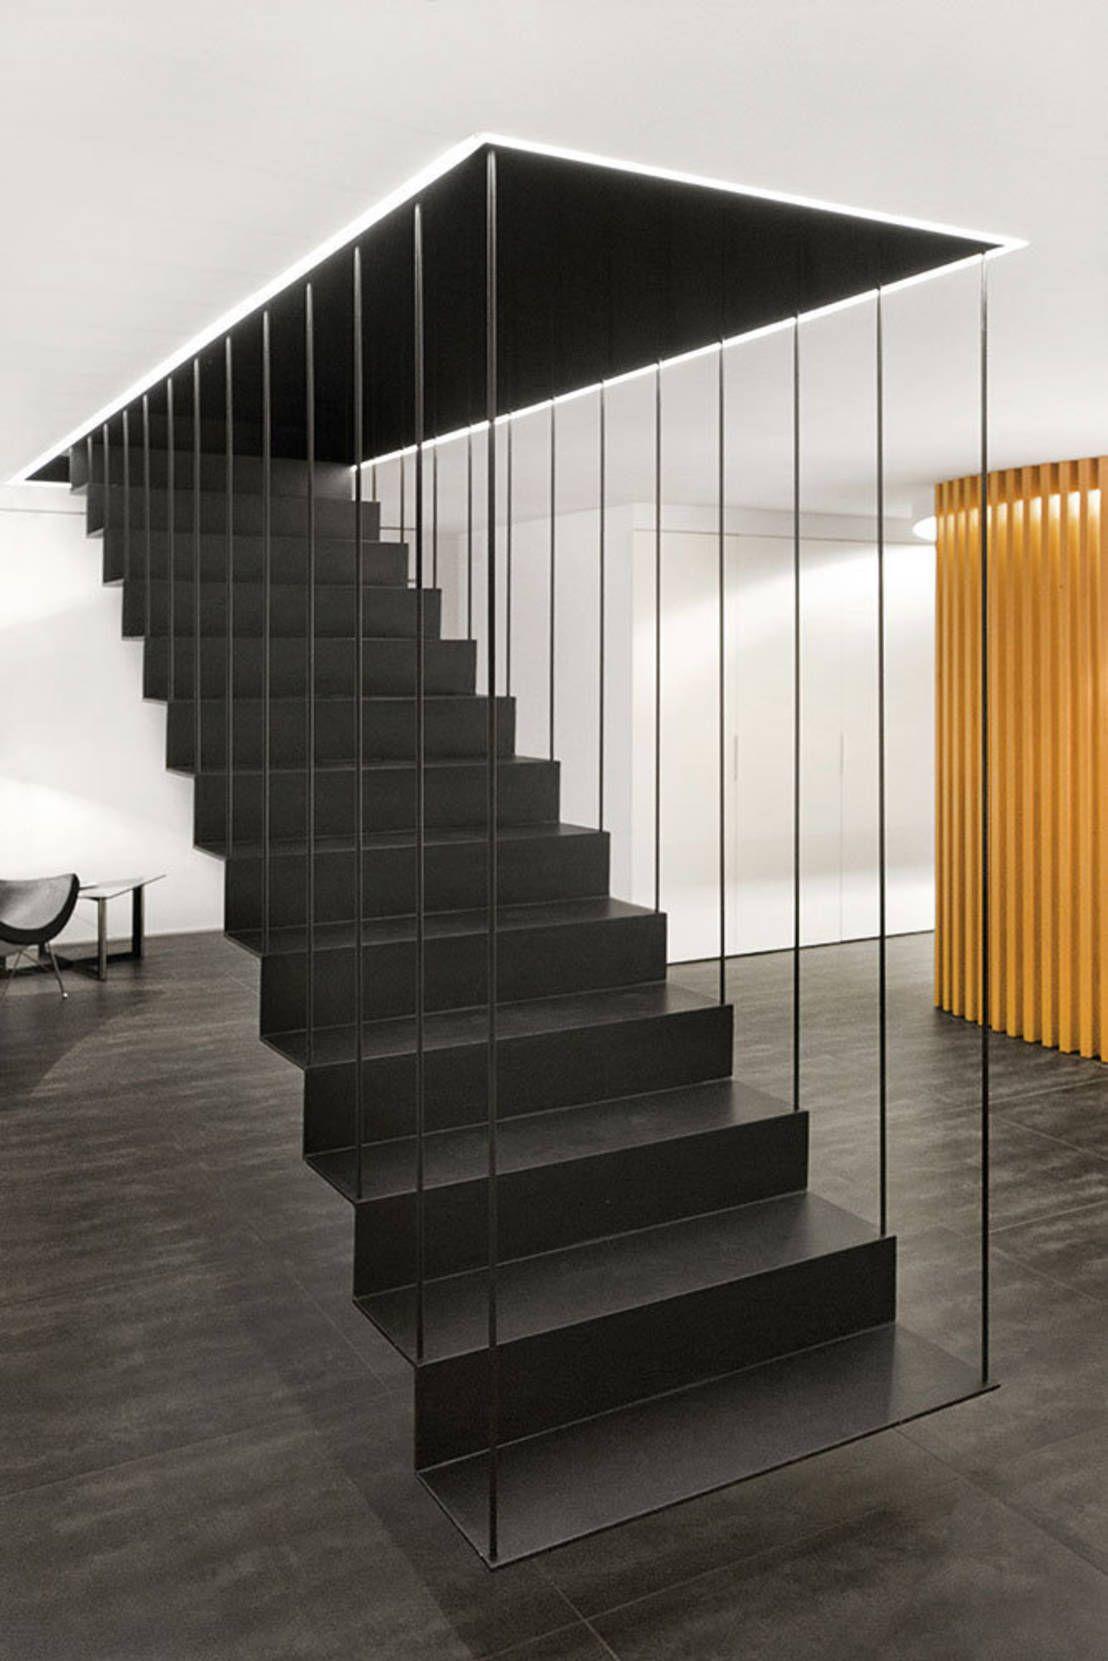 10 ideas para aprovechar el espacio bajo la escalera for Escaleras arquitectura